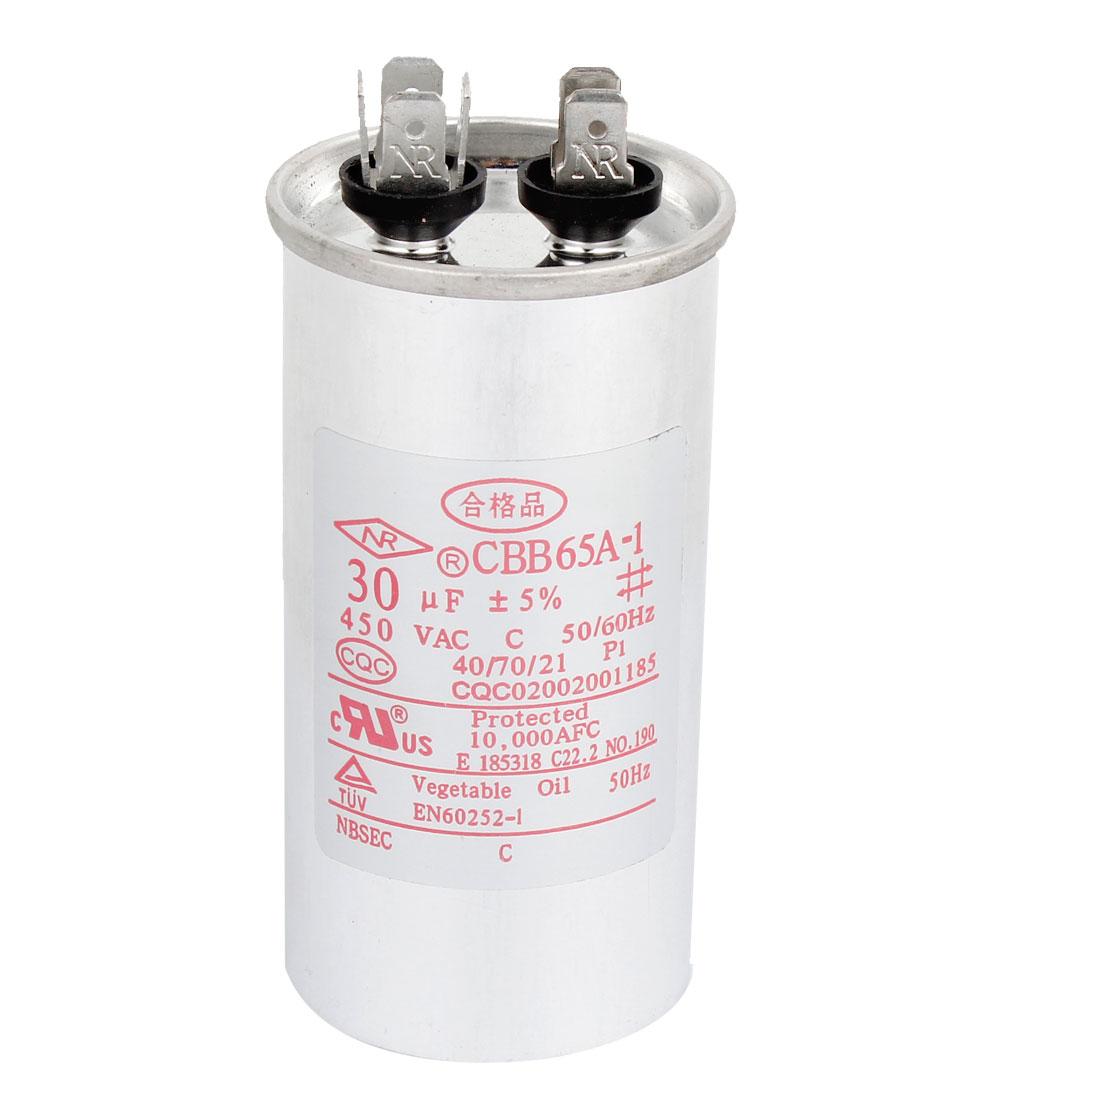 CBB65A-1 AC 450V 30uF Air Conditioner Motor Running Capacitor